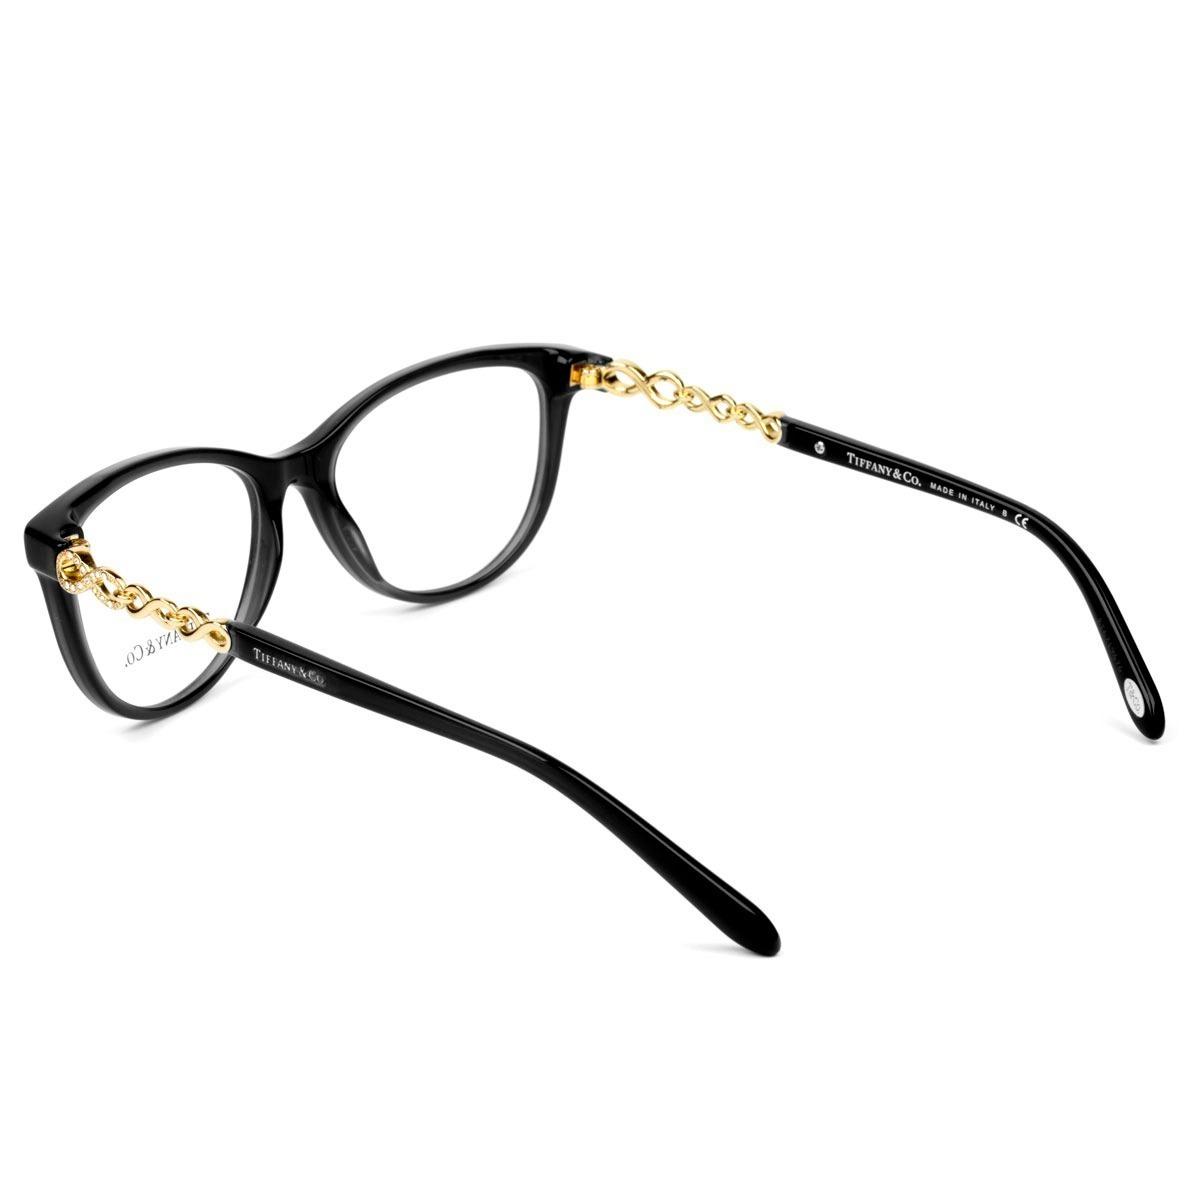 Carregando zoom... armação de grau tiffany   co. infinito tf2120-b oculos 4fd947c3d8